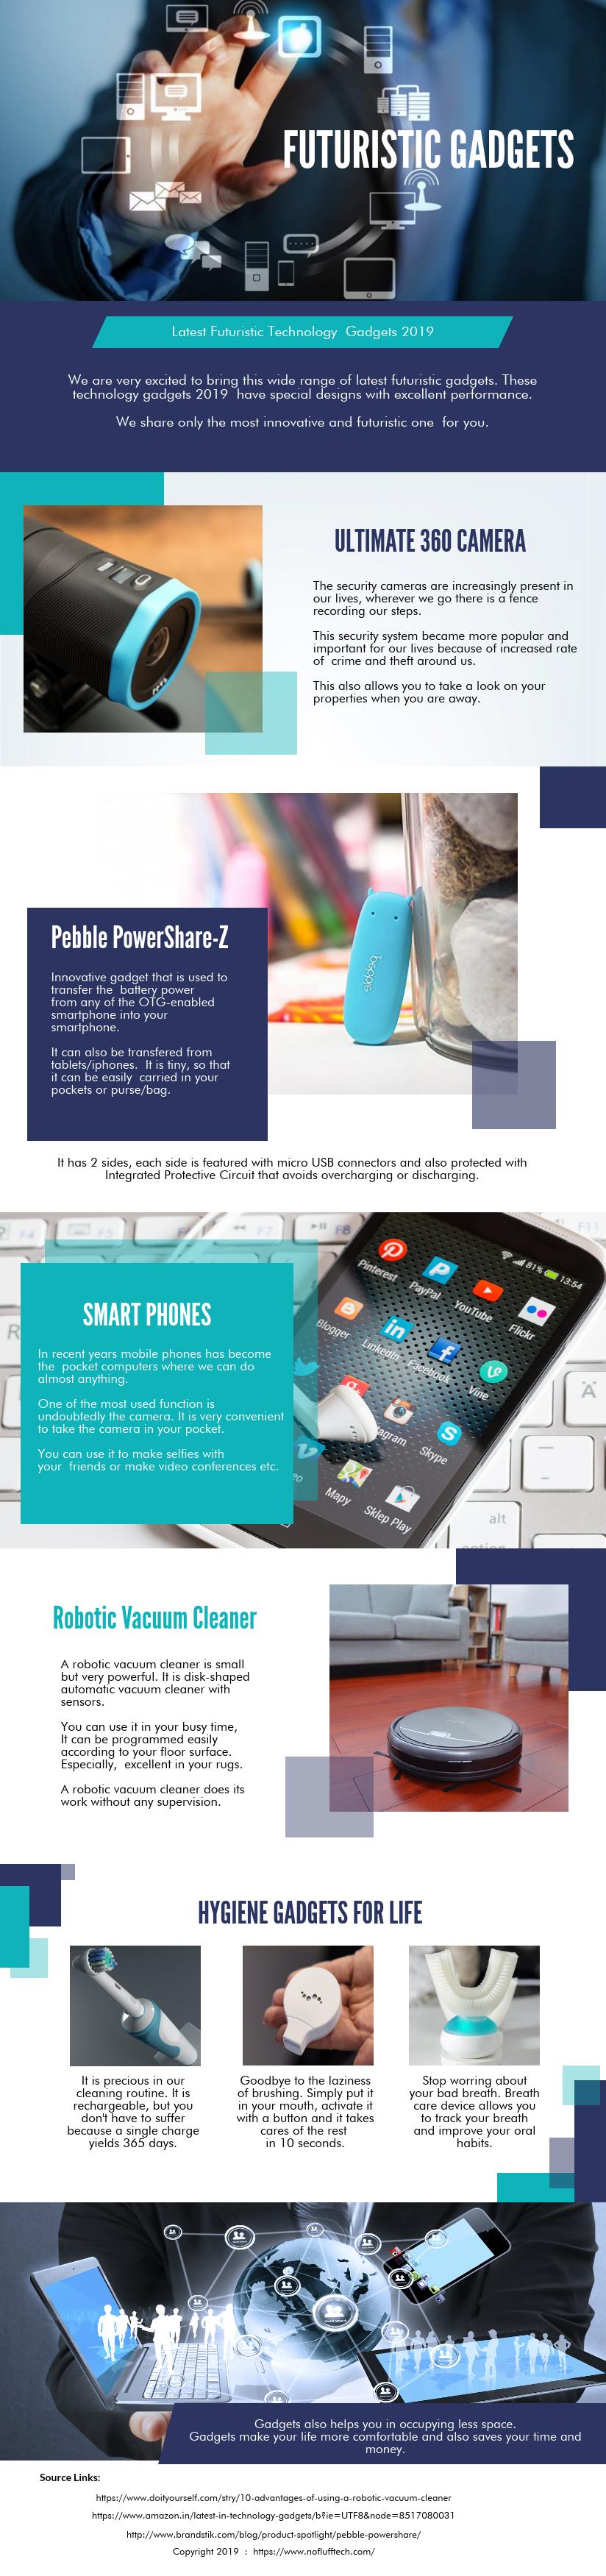 Futuristic Gadgets 2019.png